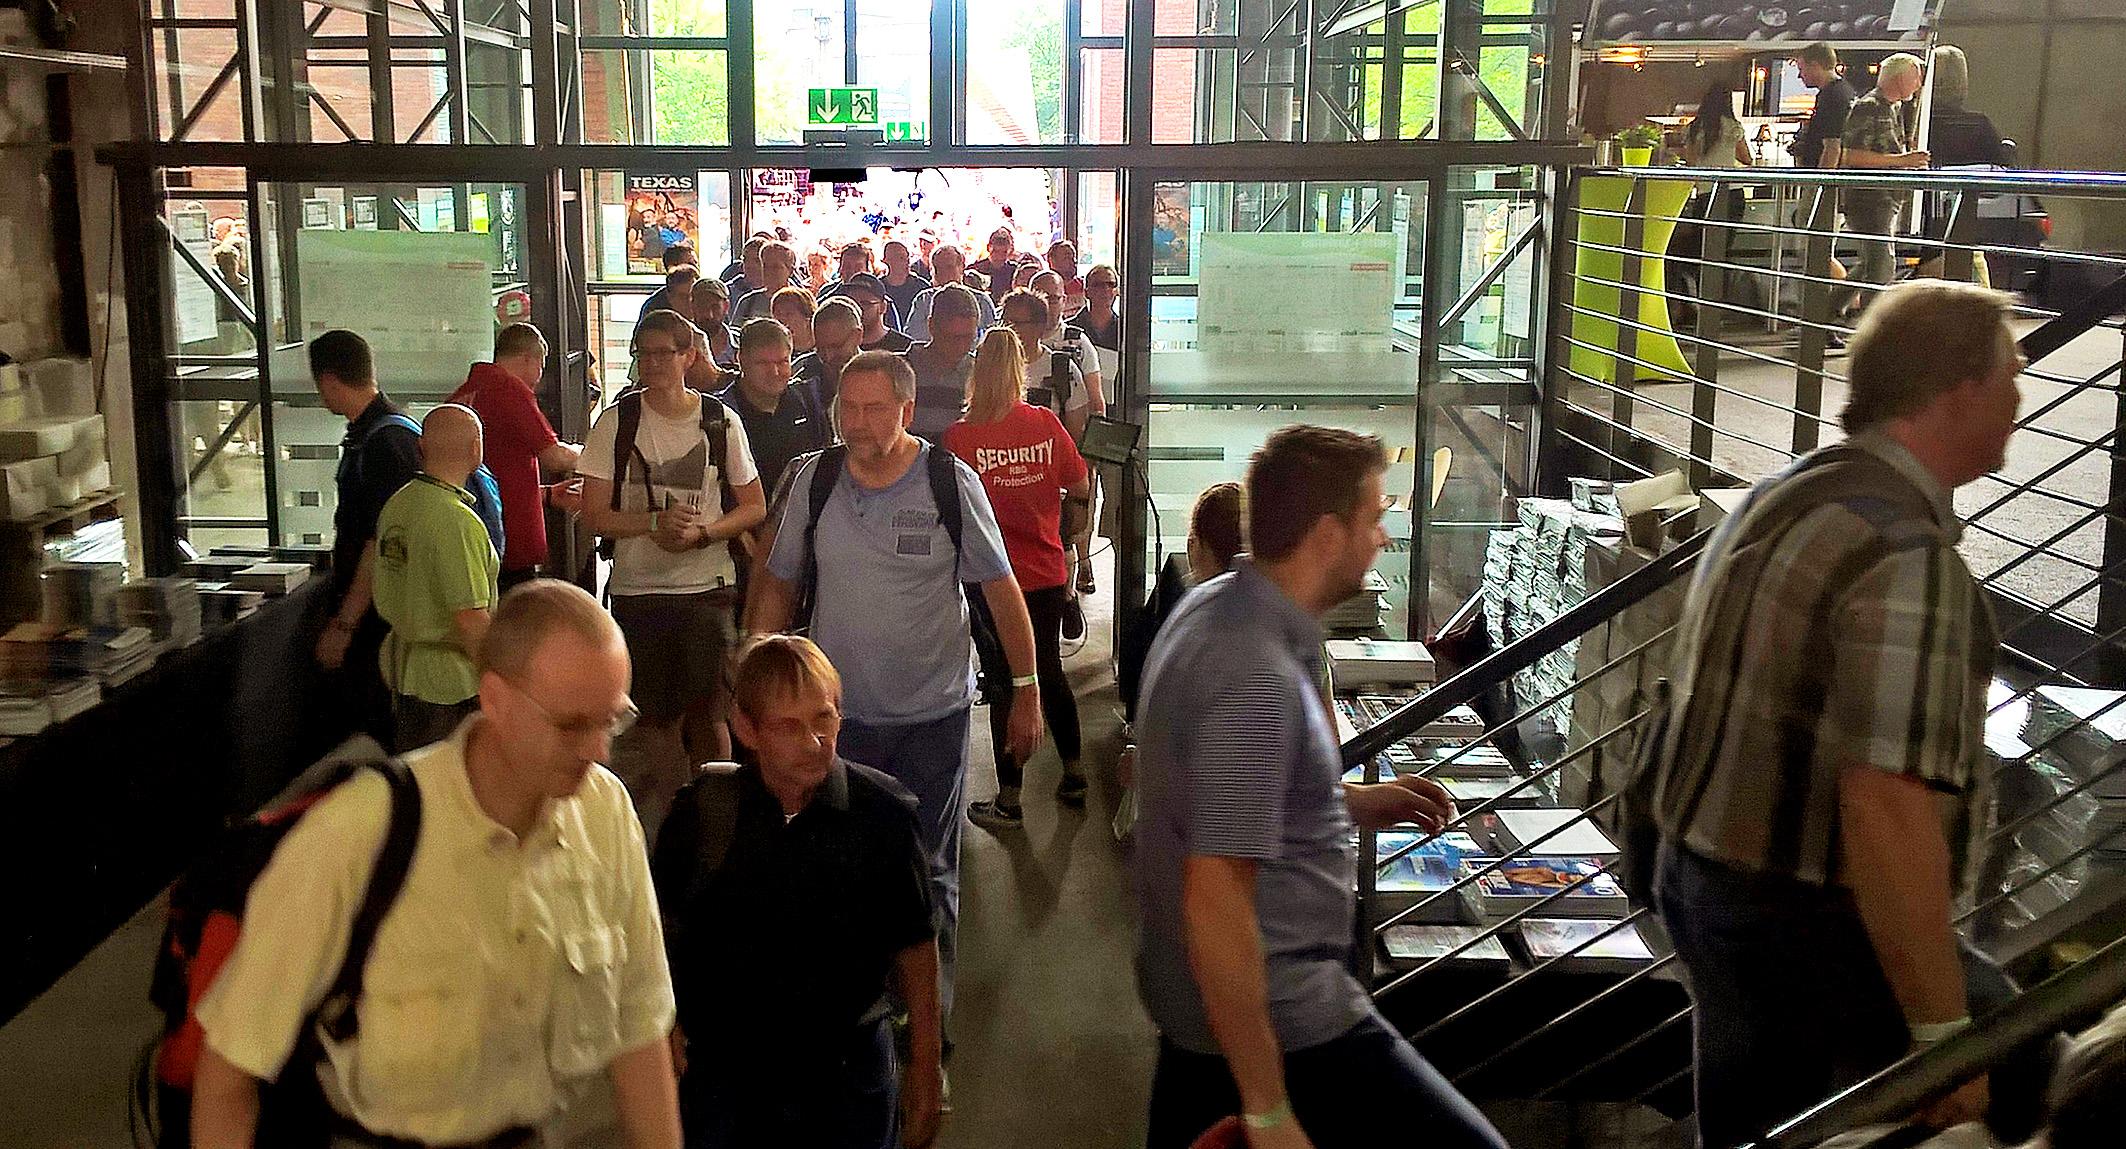 Foto: Michael B. Rehders - Punkt 10.00 Uhr öffnet sich das Tor - und in Scharen strömen die Besucher in die Messehalle.